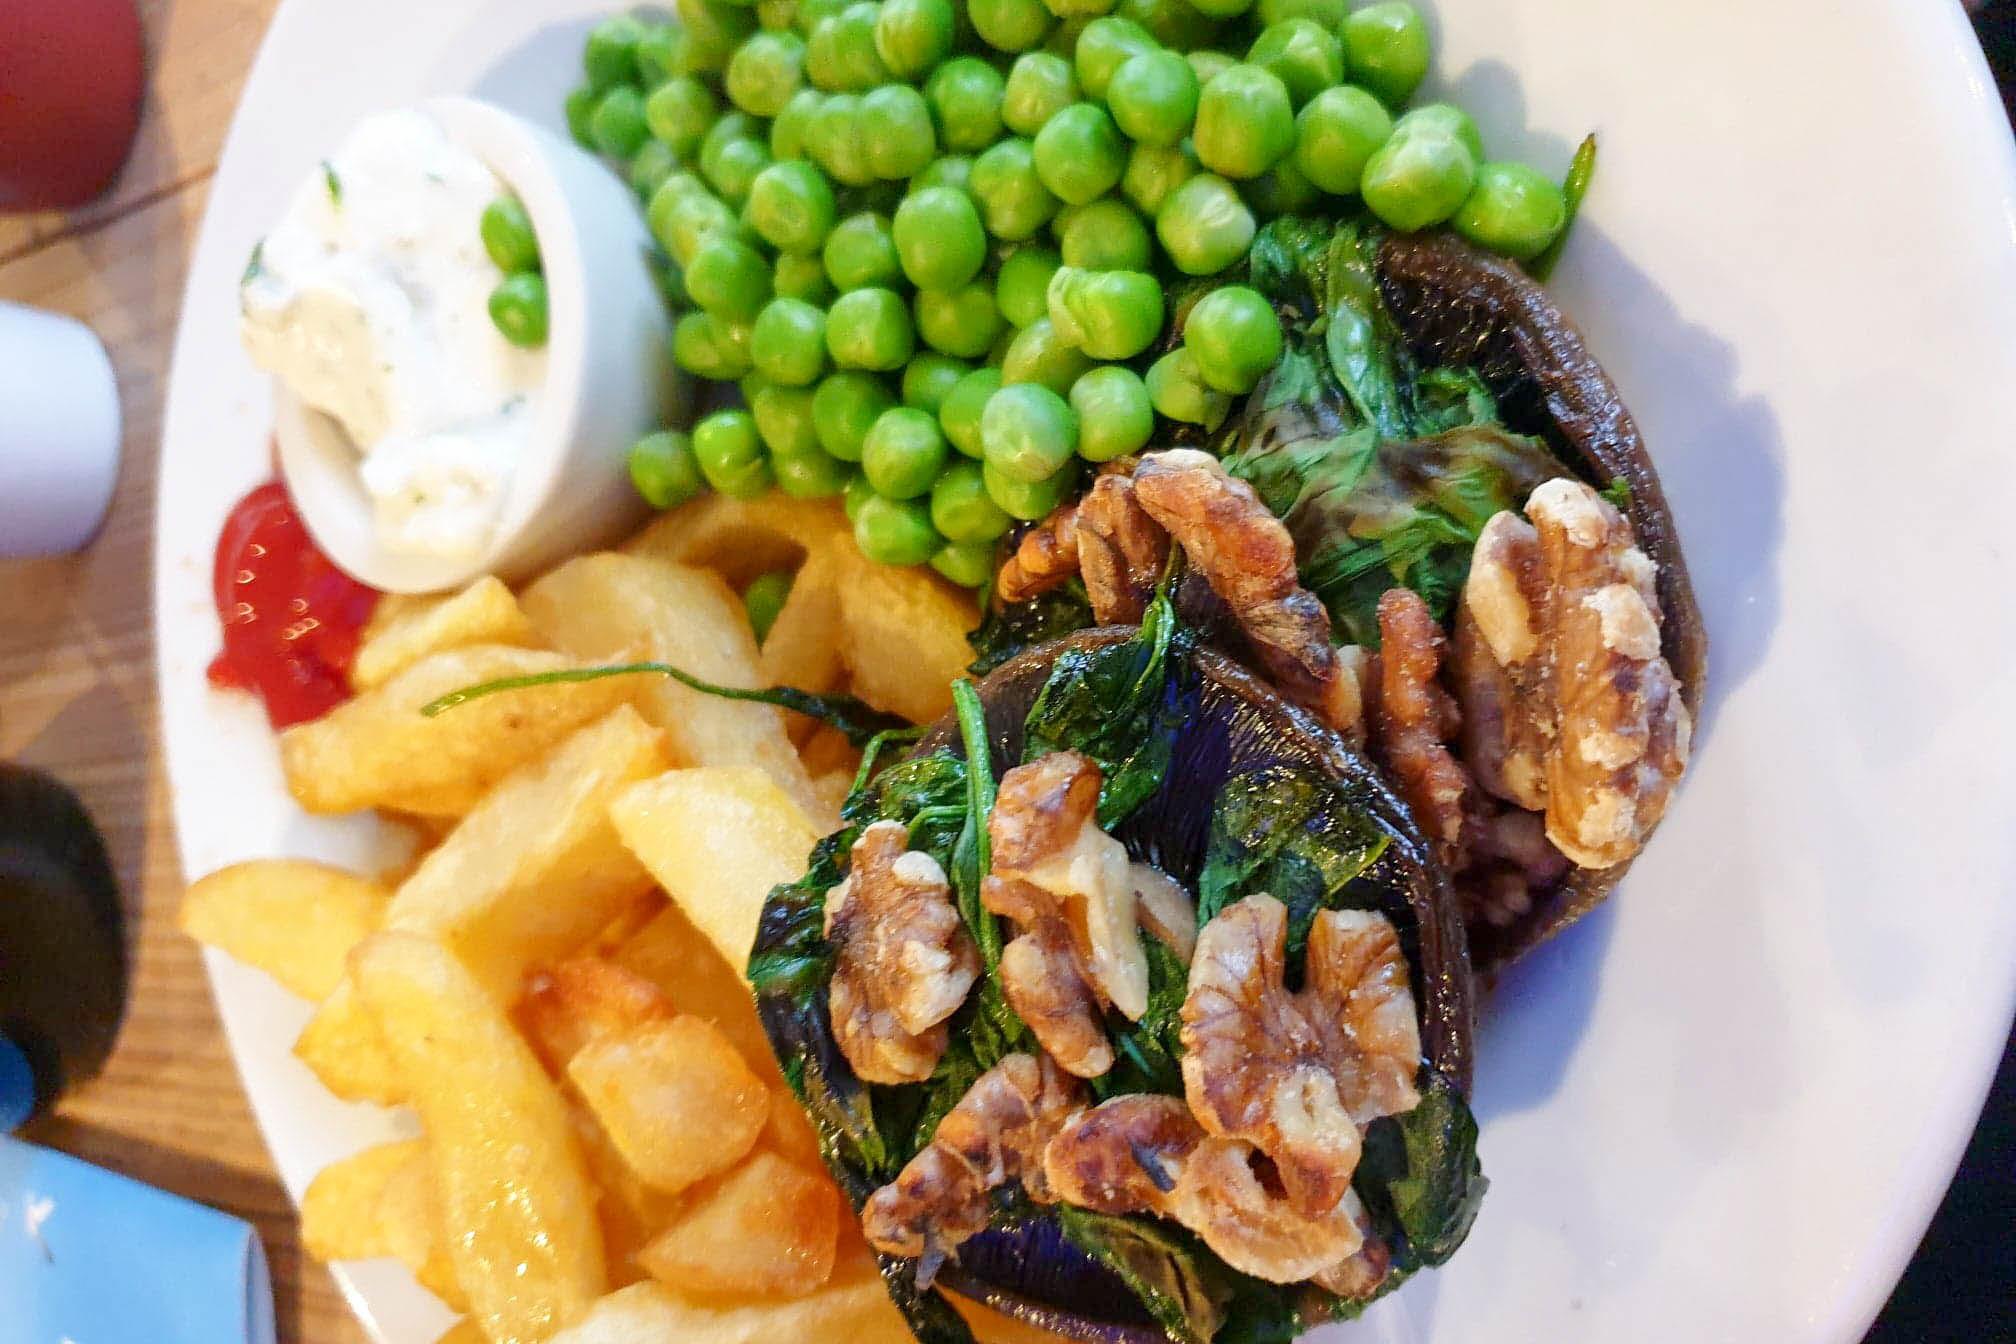 Dinner at the Beaver Inn, North Devon